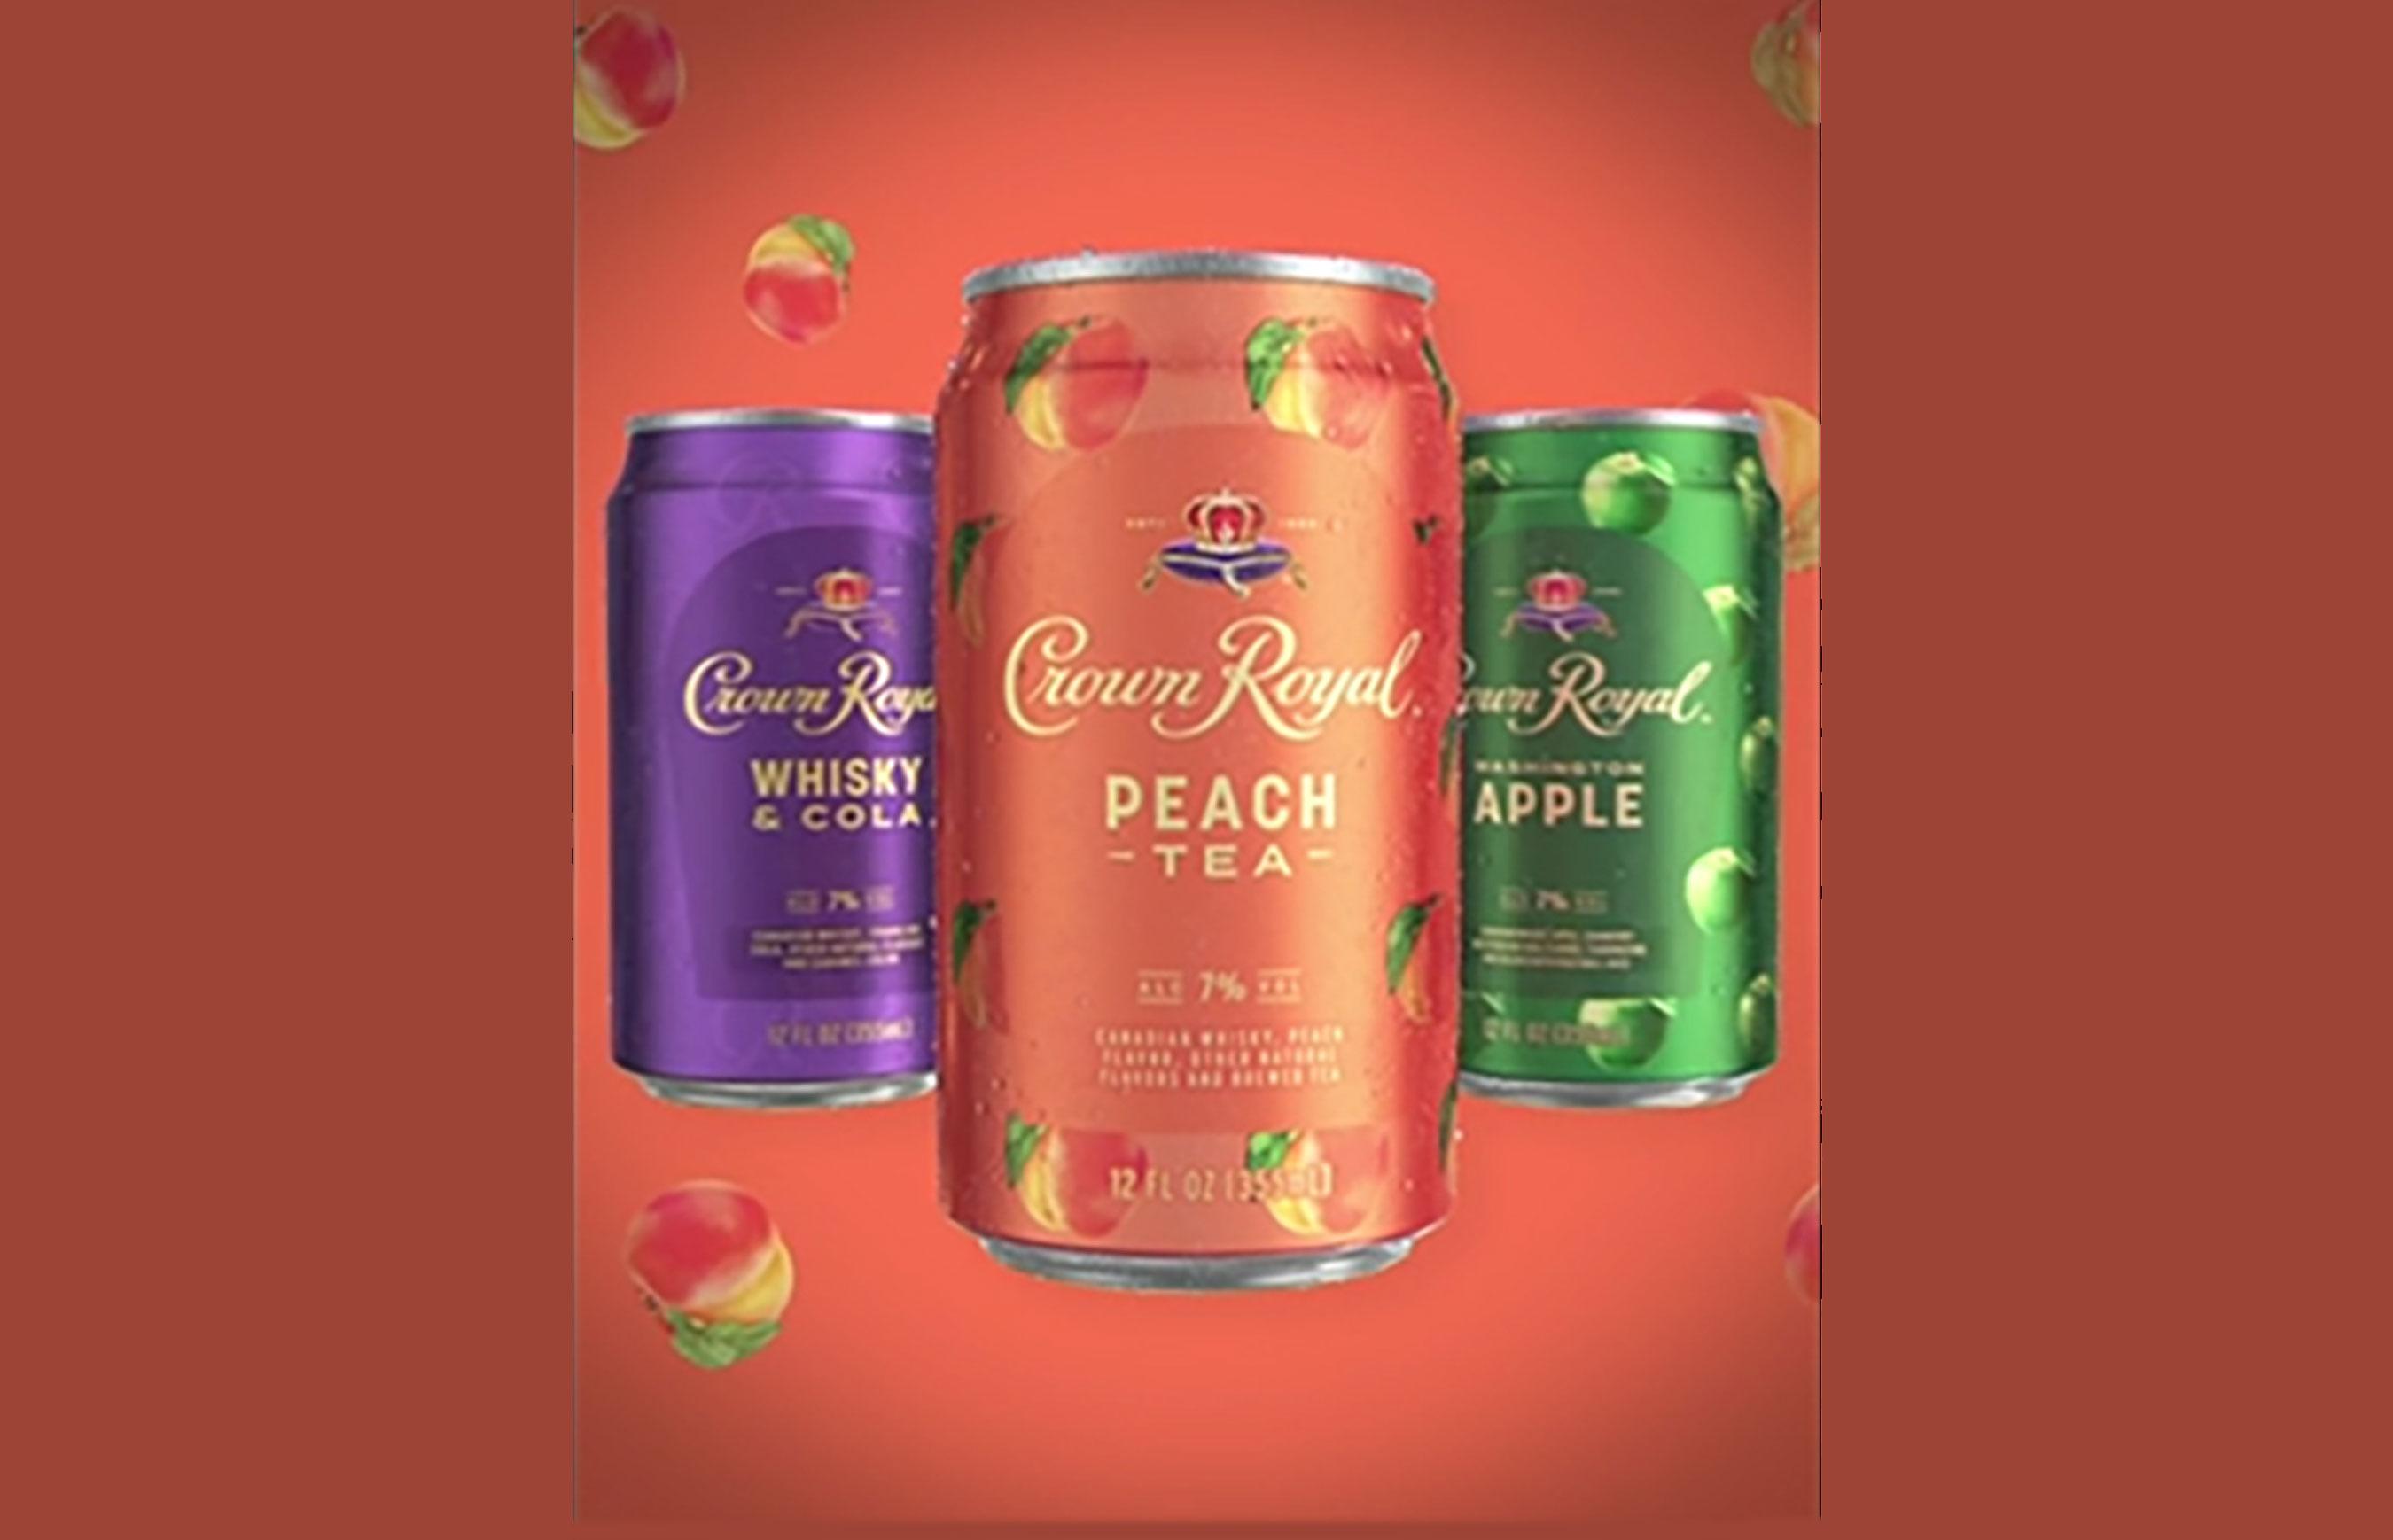 Peach Tea featuring Crown Royal whisky, peach flavor and brewed tea